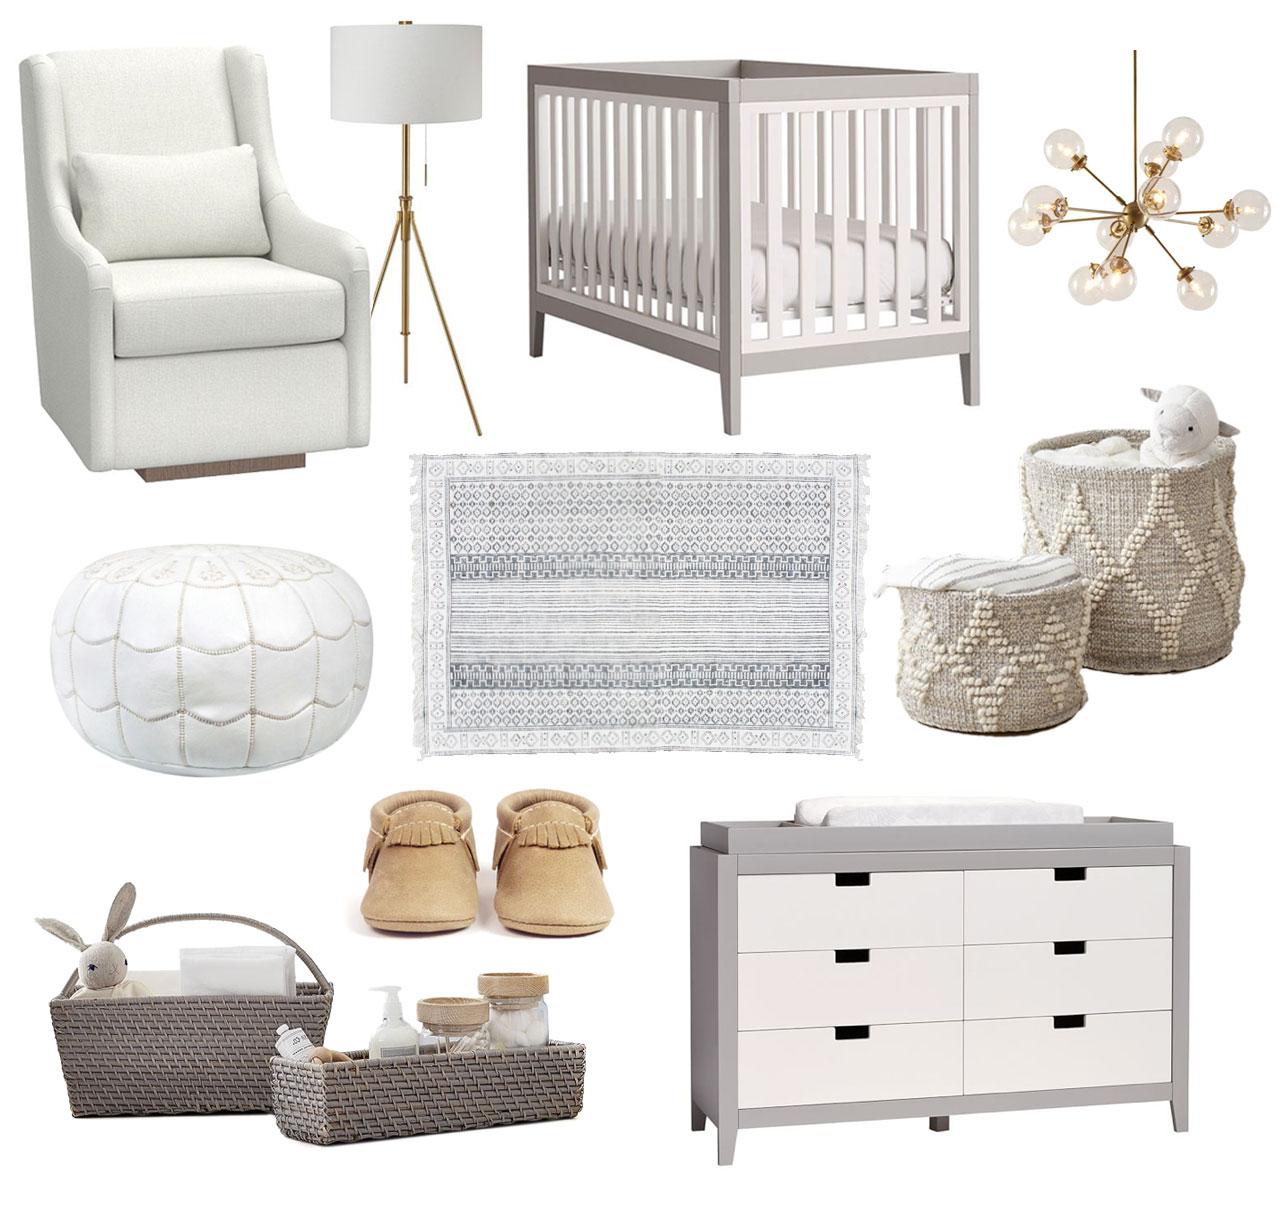 modern nursery design for baby boy \u2014 west coast caprimodern nursery design for baby boy